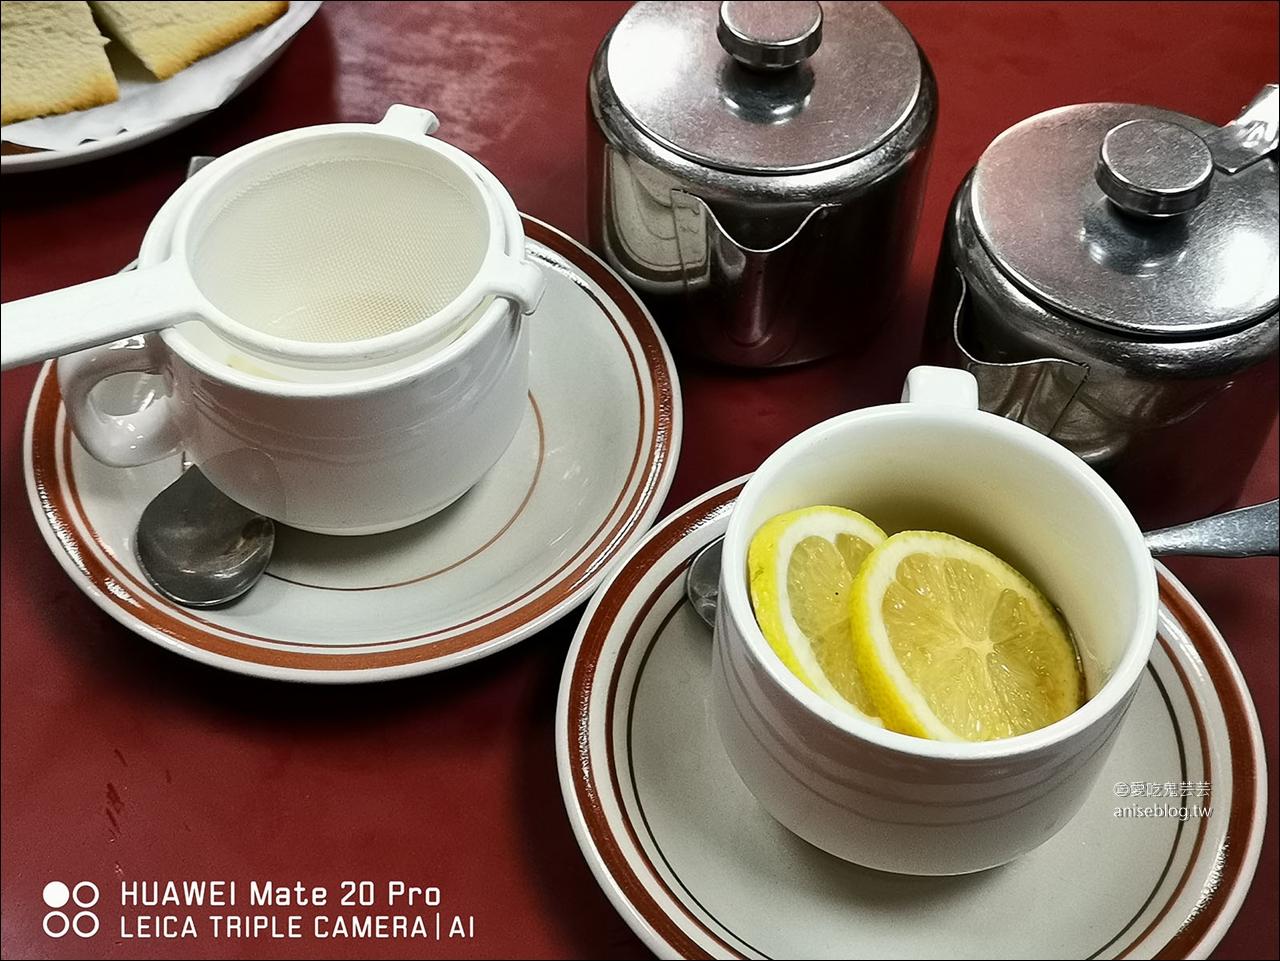 澳門路環美食 | 橋記咖啡美食爛蛋麵最高!同場加映漢記手打咖啡超好吃雞翅